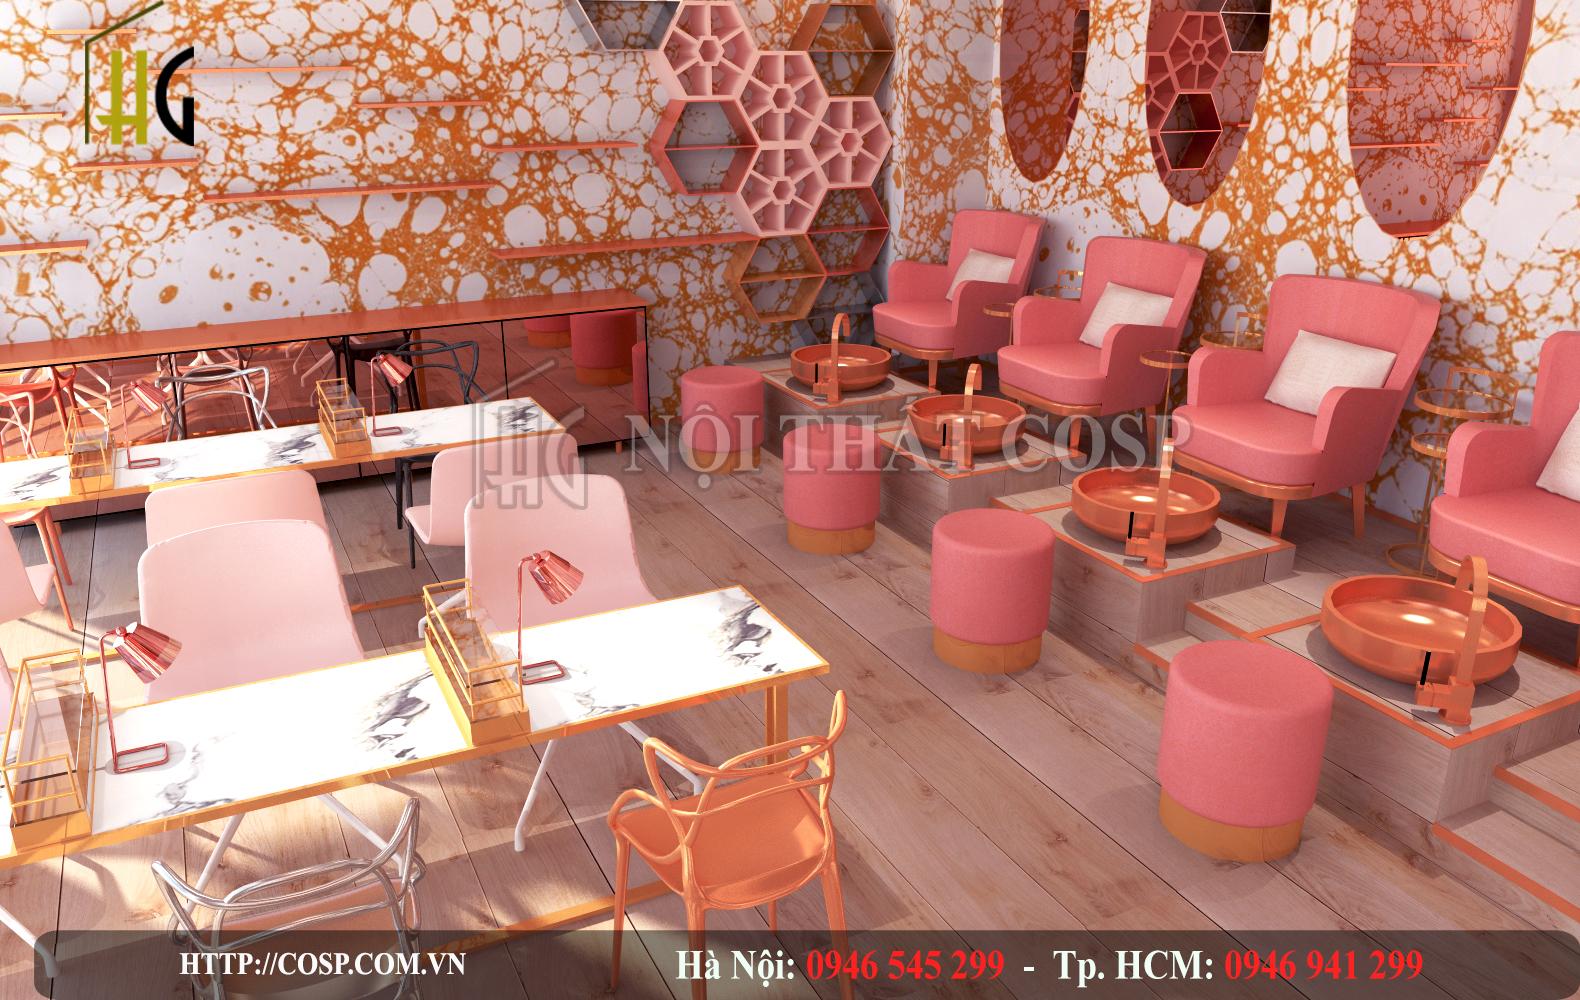 Sử dụng màu hồng với nhiều sắc độ khác nhau tạo nên thiết kế spa ấn tượng